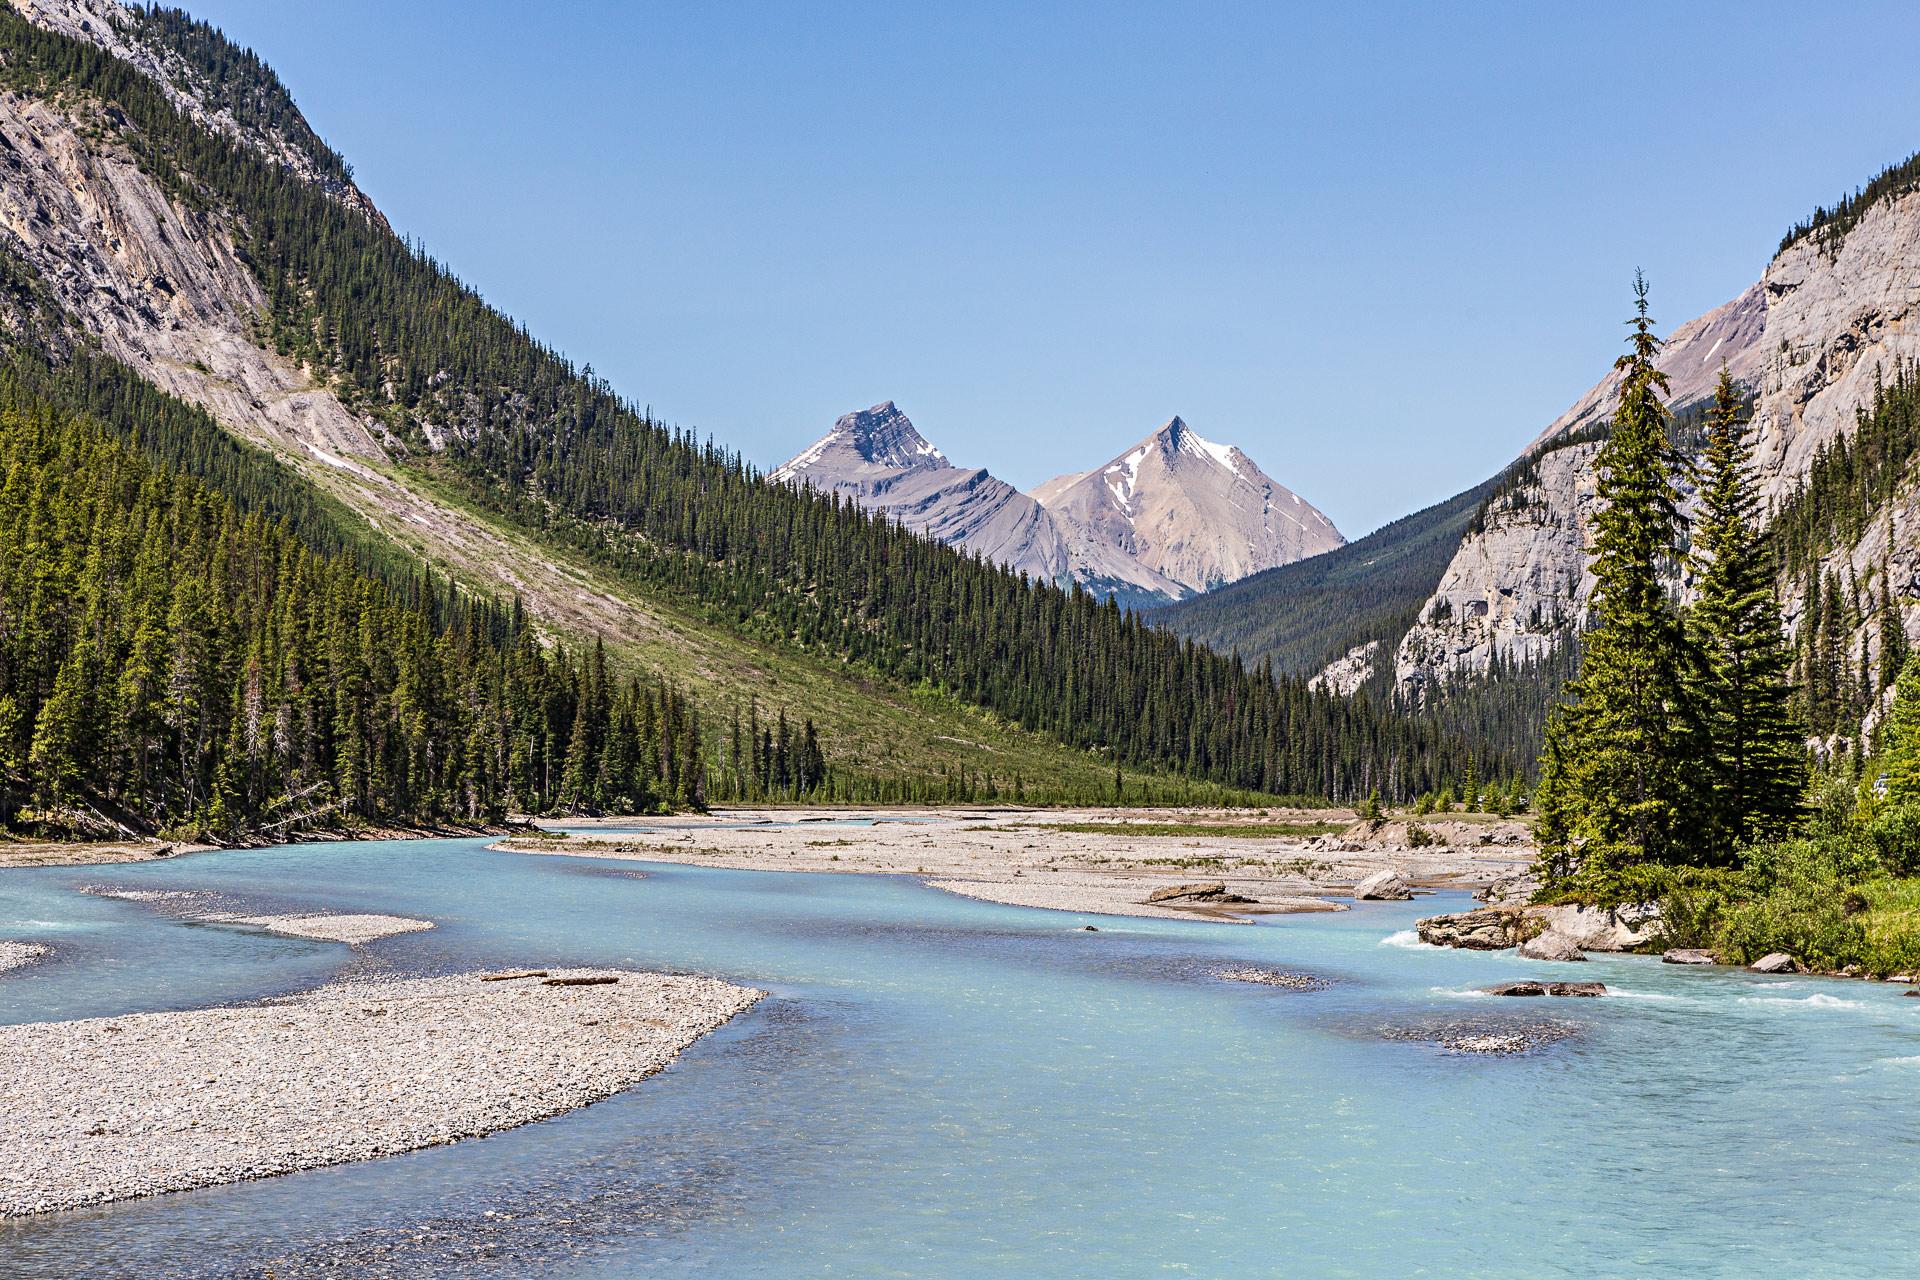 Saskatchewan river promenade des Glaciers Canada